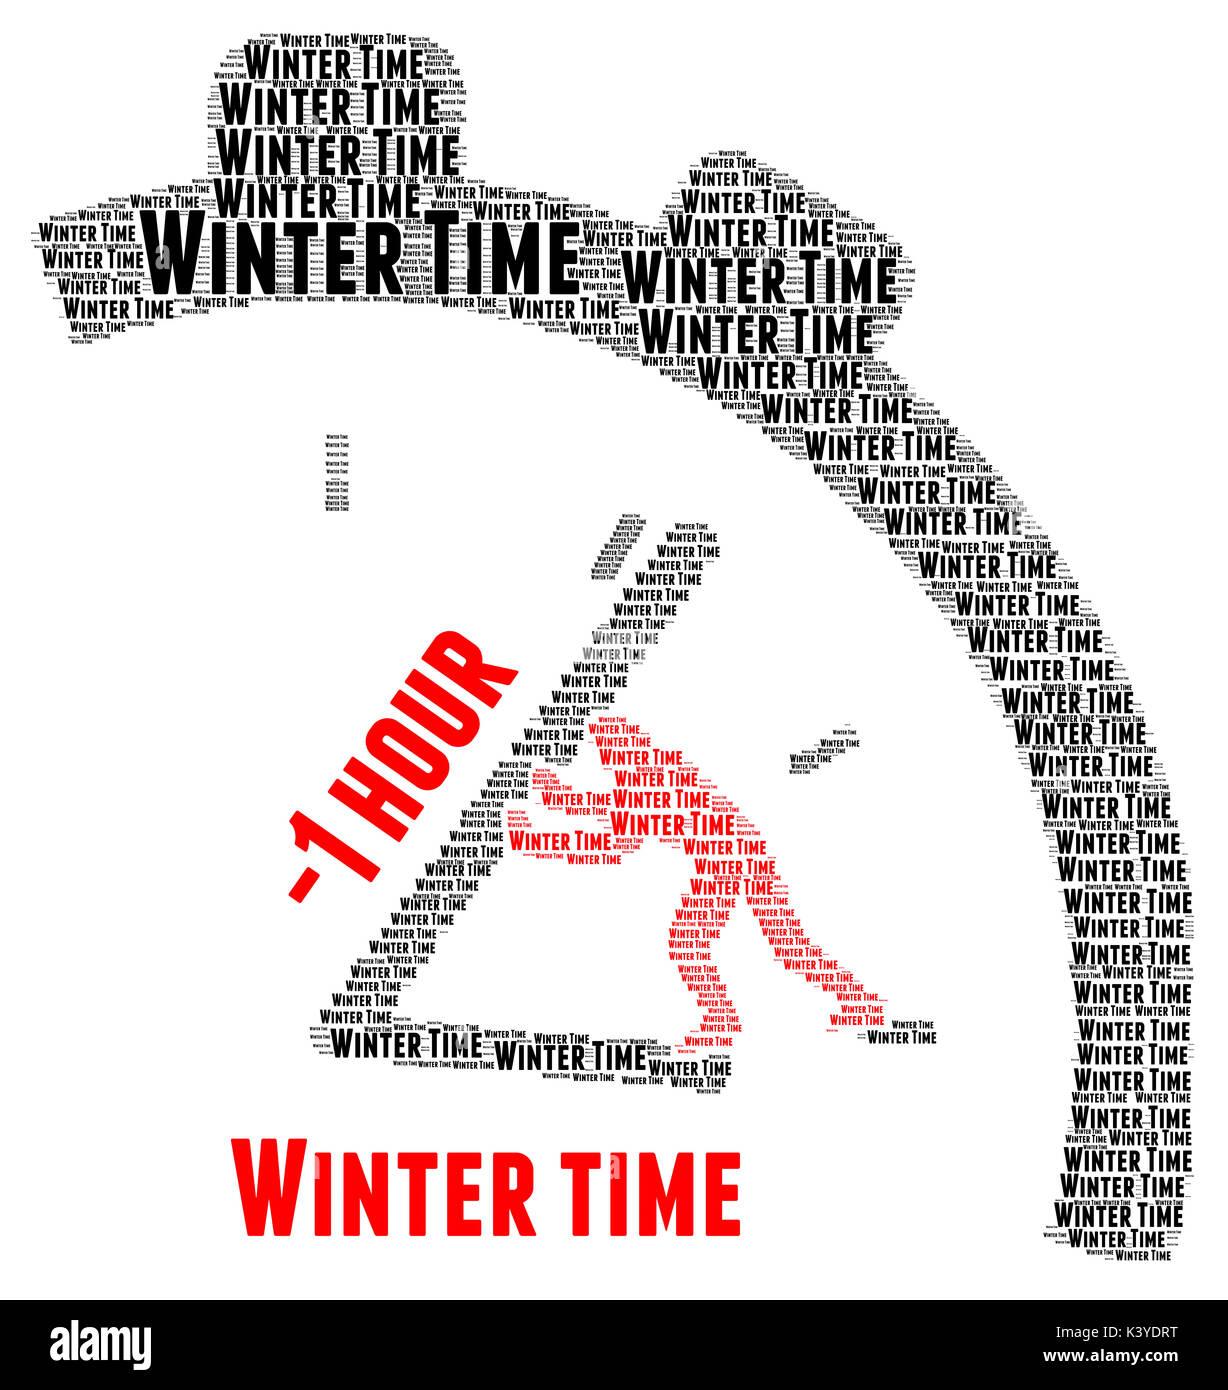 Winter time change illustration